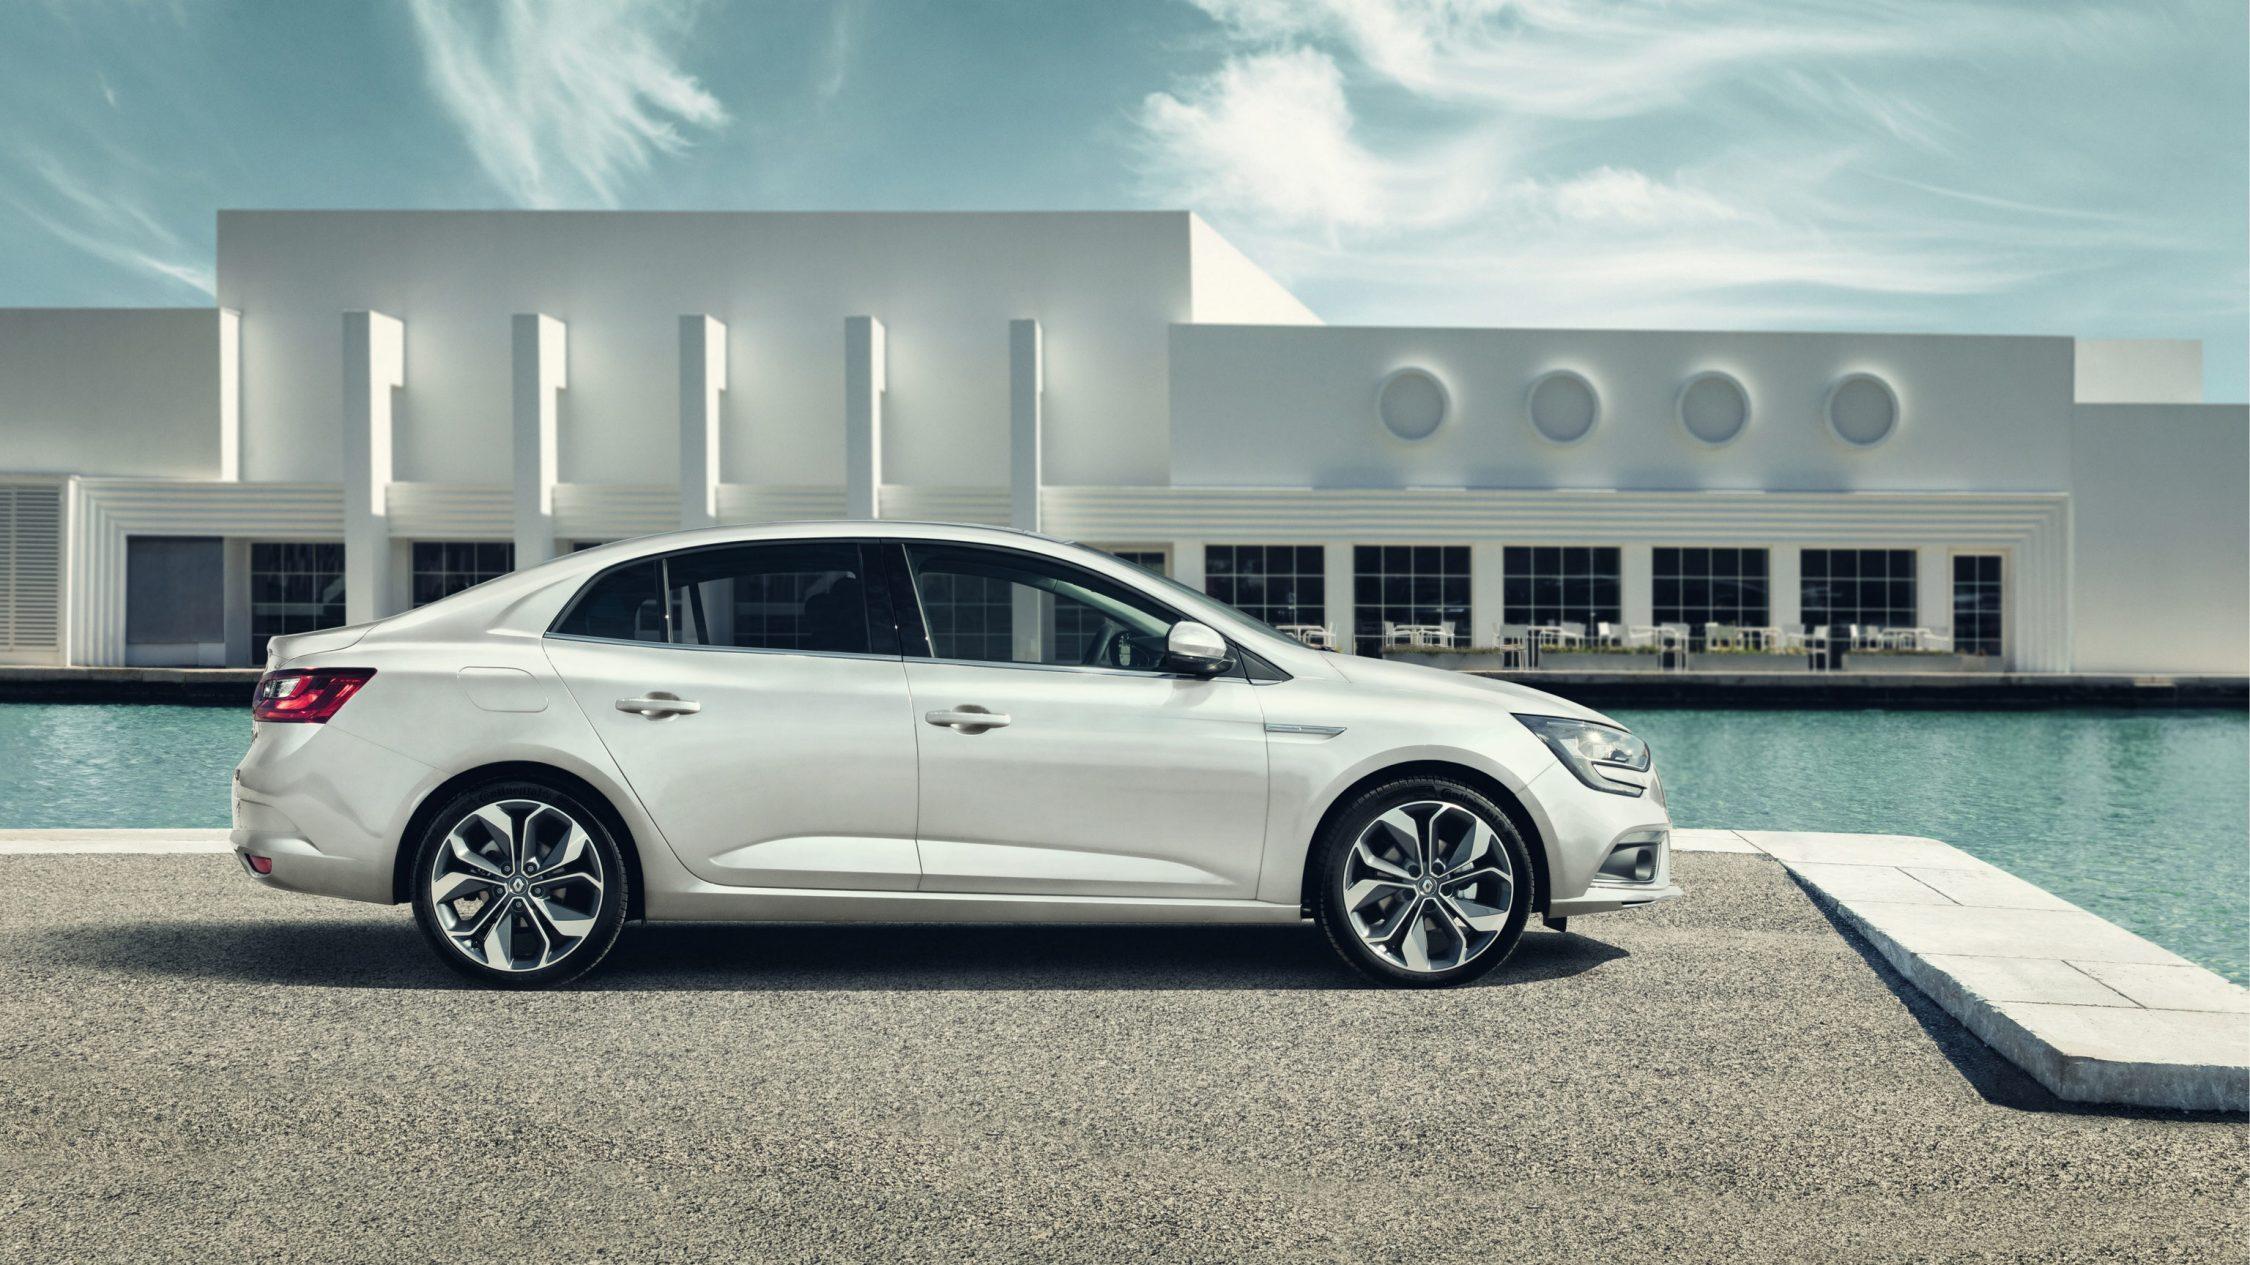 renault-megane-sedan-lff-ph1-design-002.jpg.ximg.l_full_h.smart.jpg